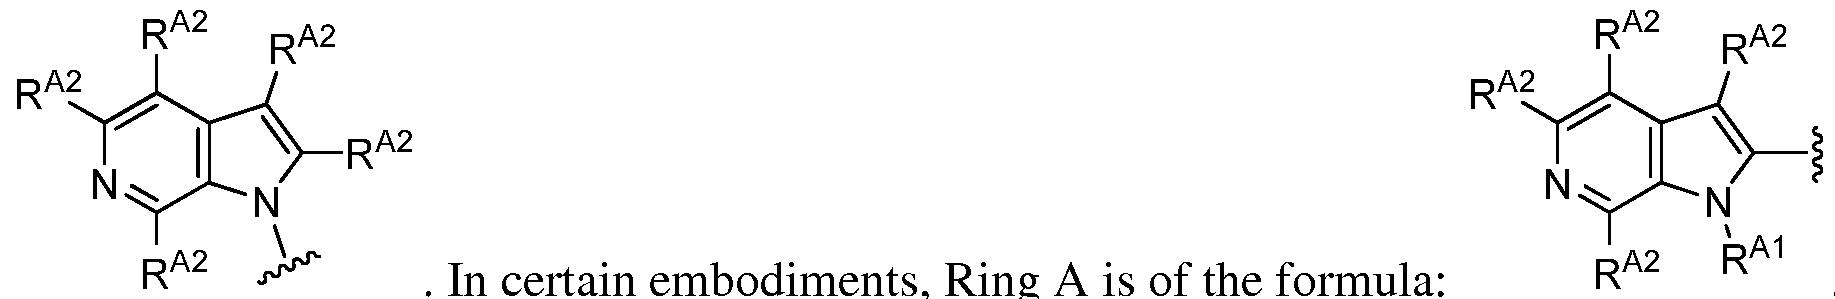 Figure imgf000052_0006